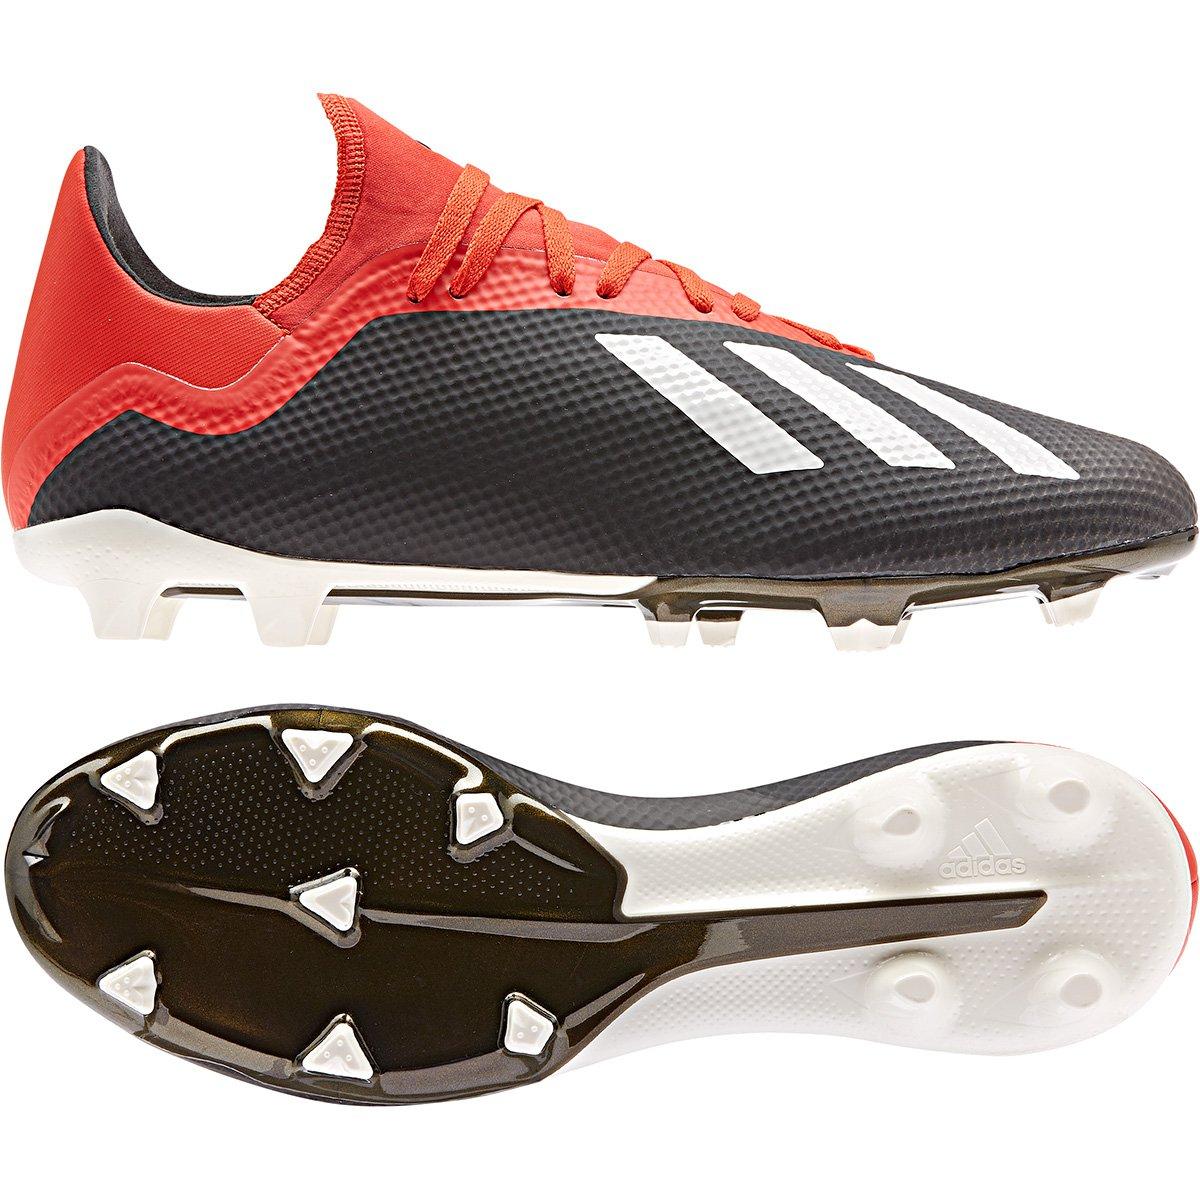 Chuteira Campo Adidas X 18 3 FG - Preto e Branco - Compre Agora ... f2691c027d682